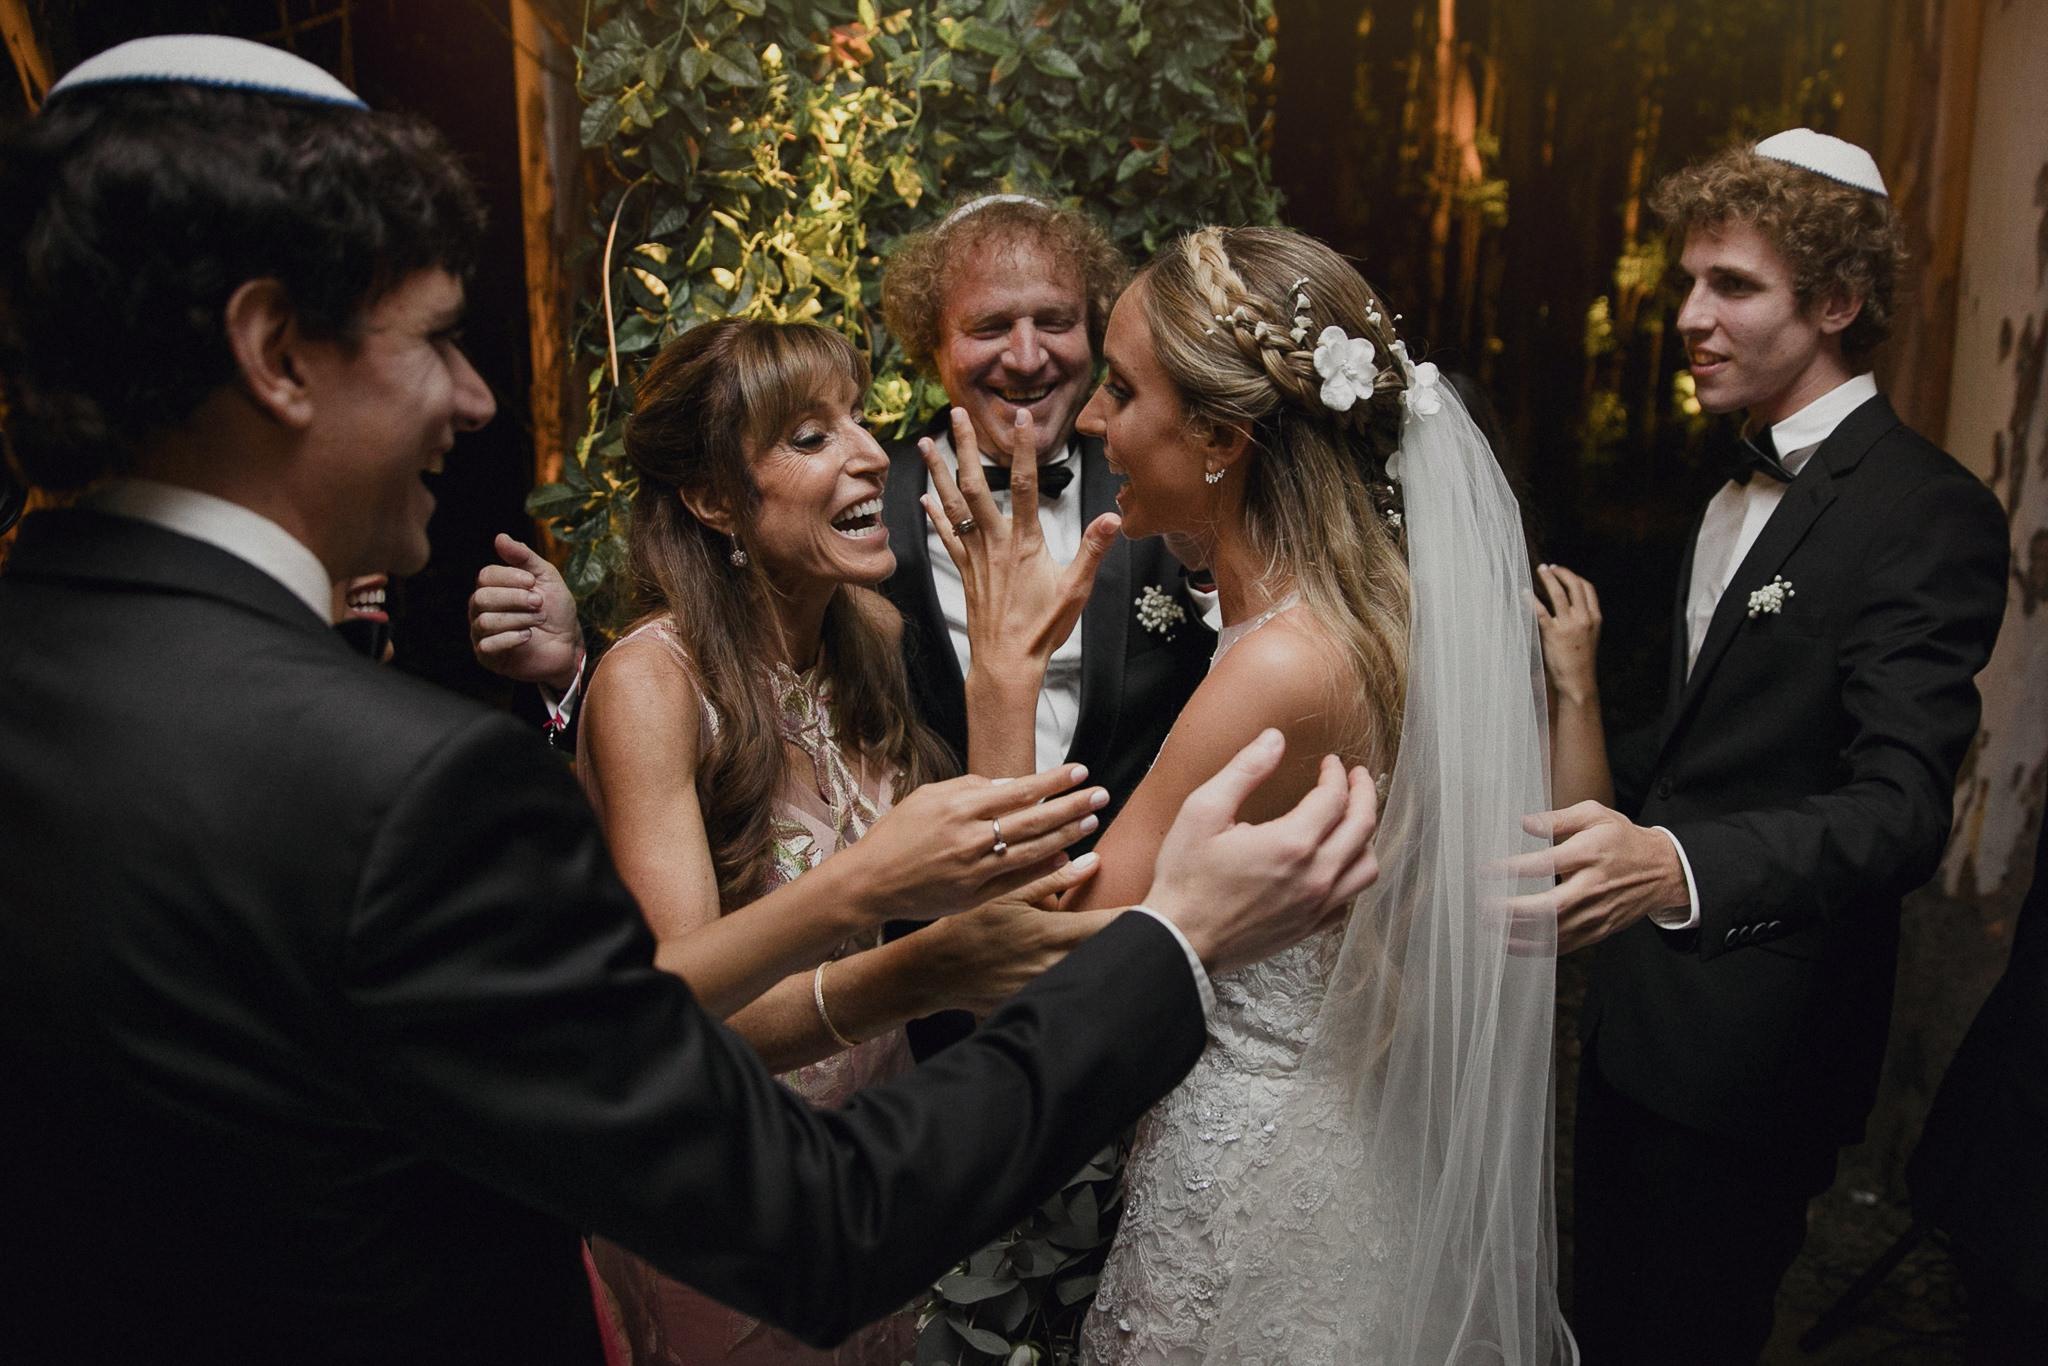 fotografia de bodas difefentes